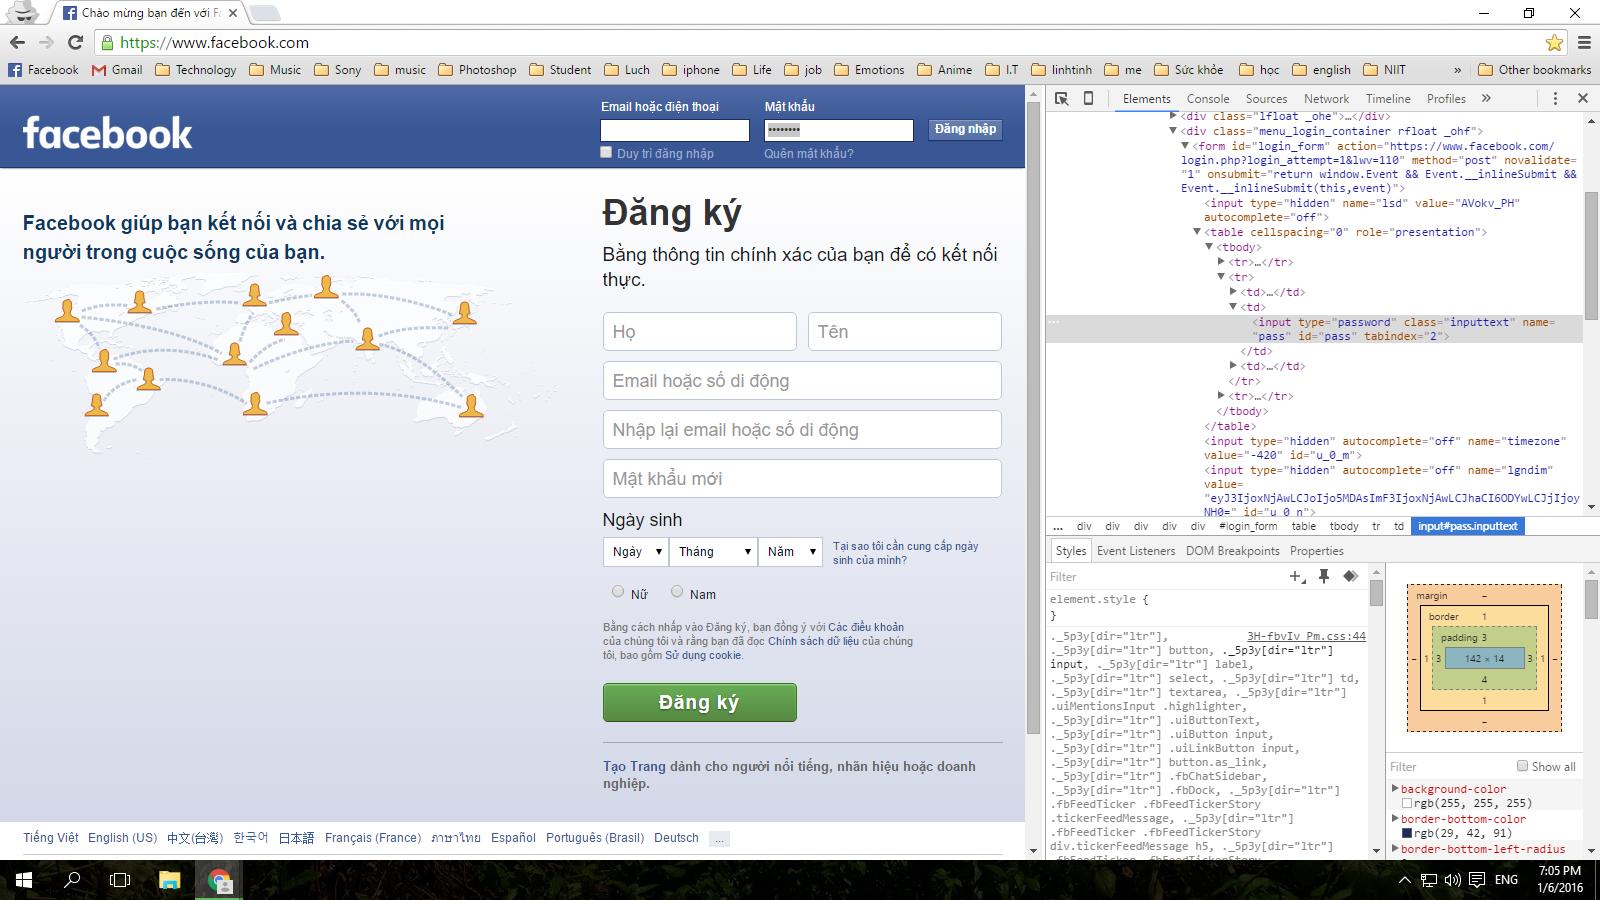 Cách xem mật khẩu facebook khi lỡ quên 5